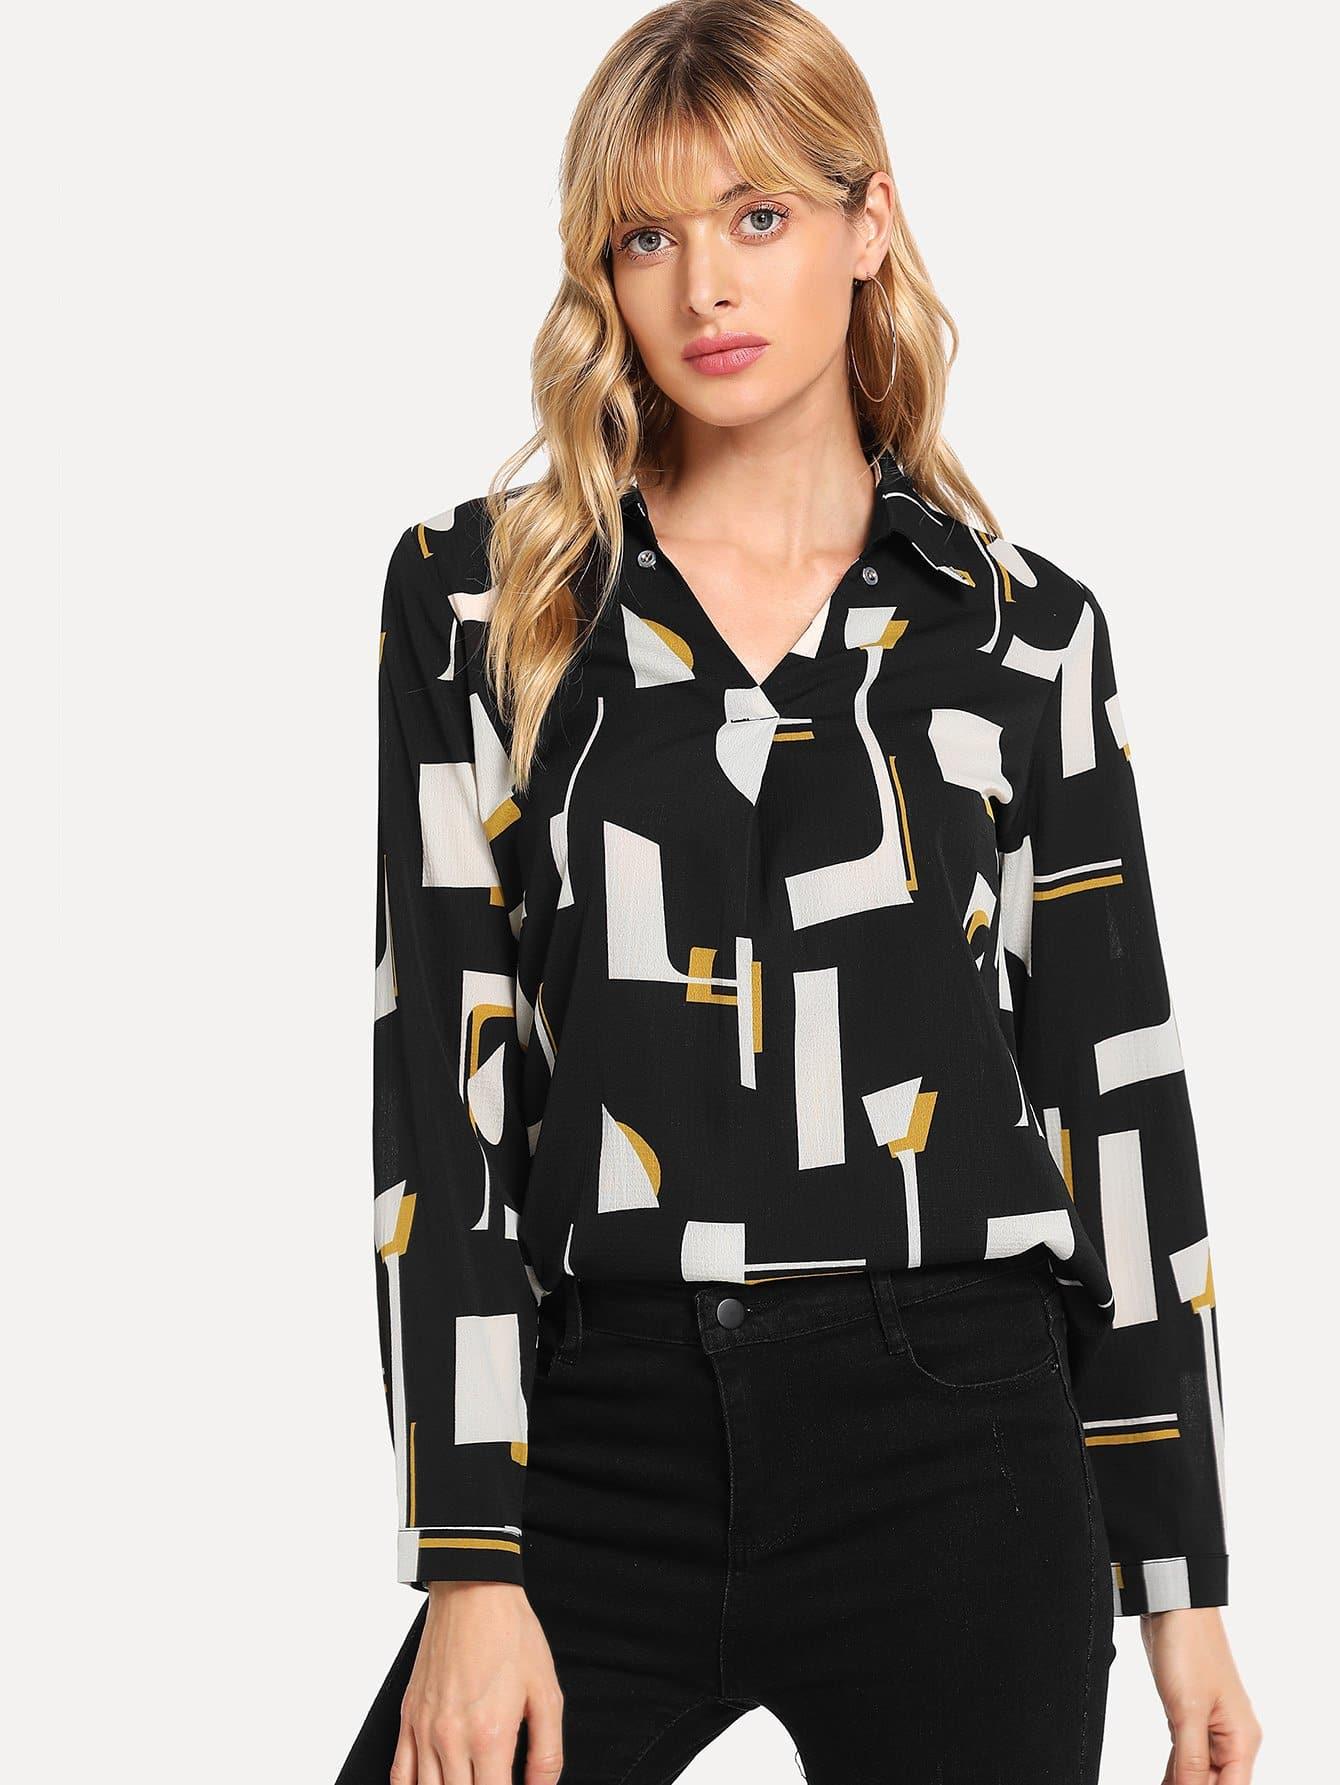 Купить Блузка с выгнутым подолом с геометрической печатью, Masha, SheIn